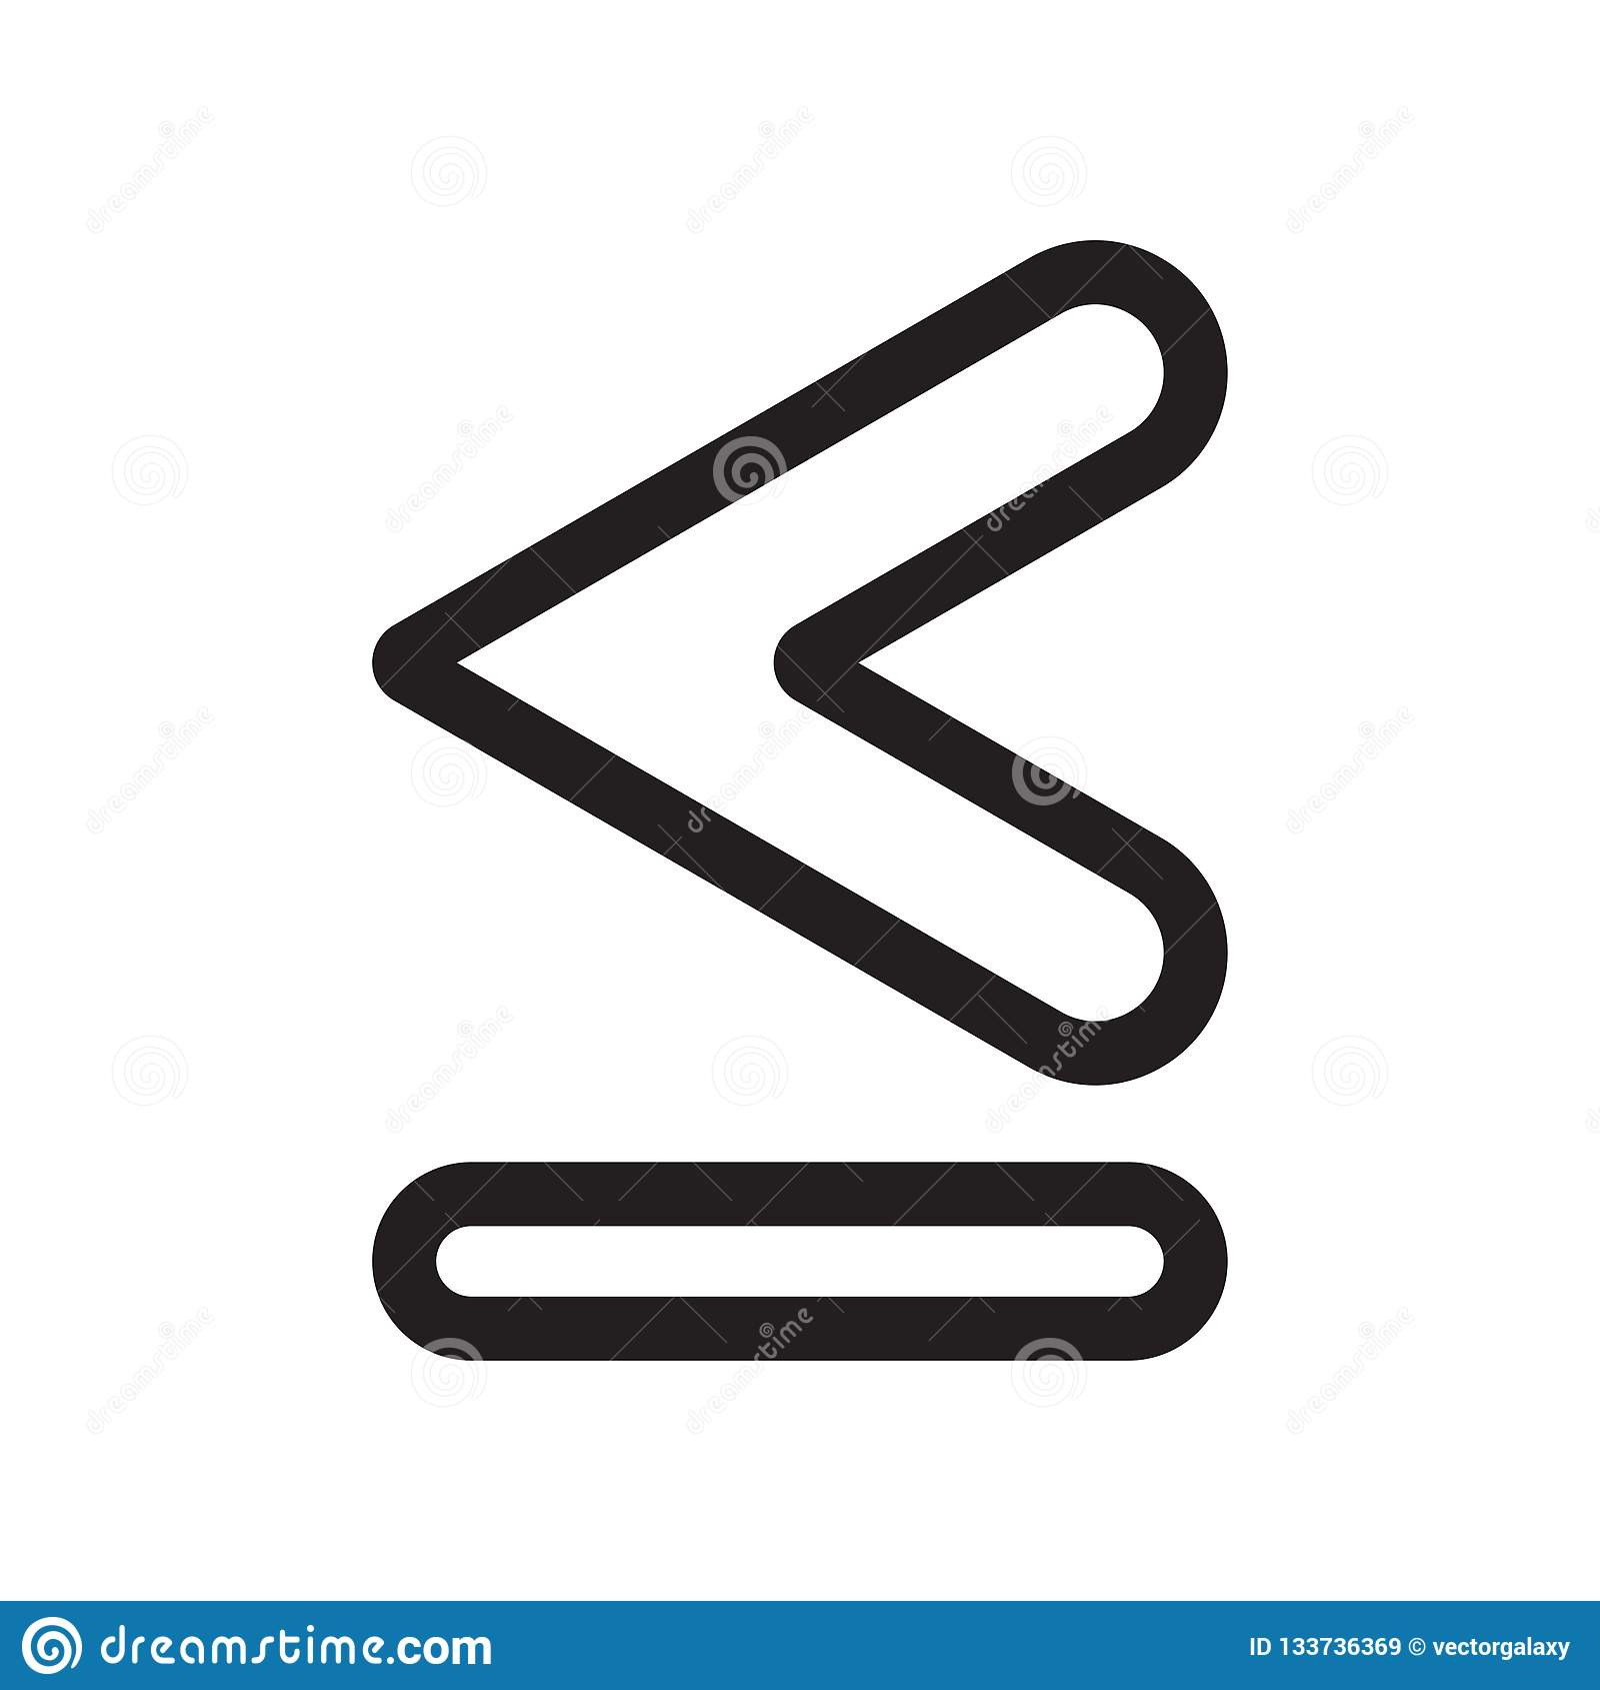 Is minder dan of gelijk aan het vectordieteken van het symboolpictogram en het symbool op witte achtergrond wordt geïsoleerd, is